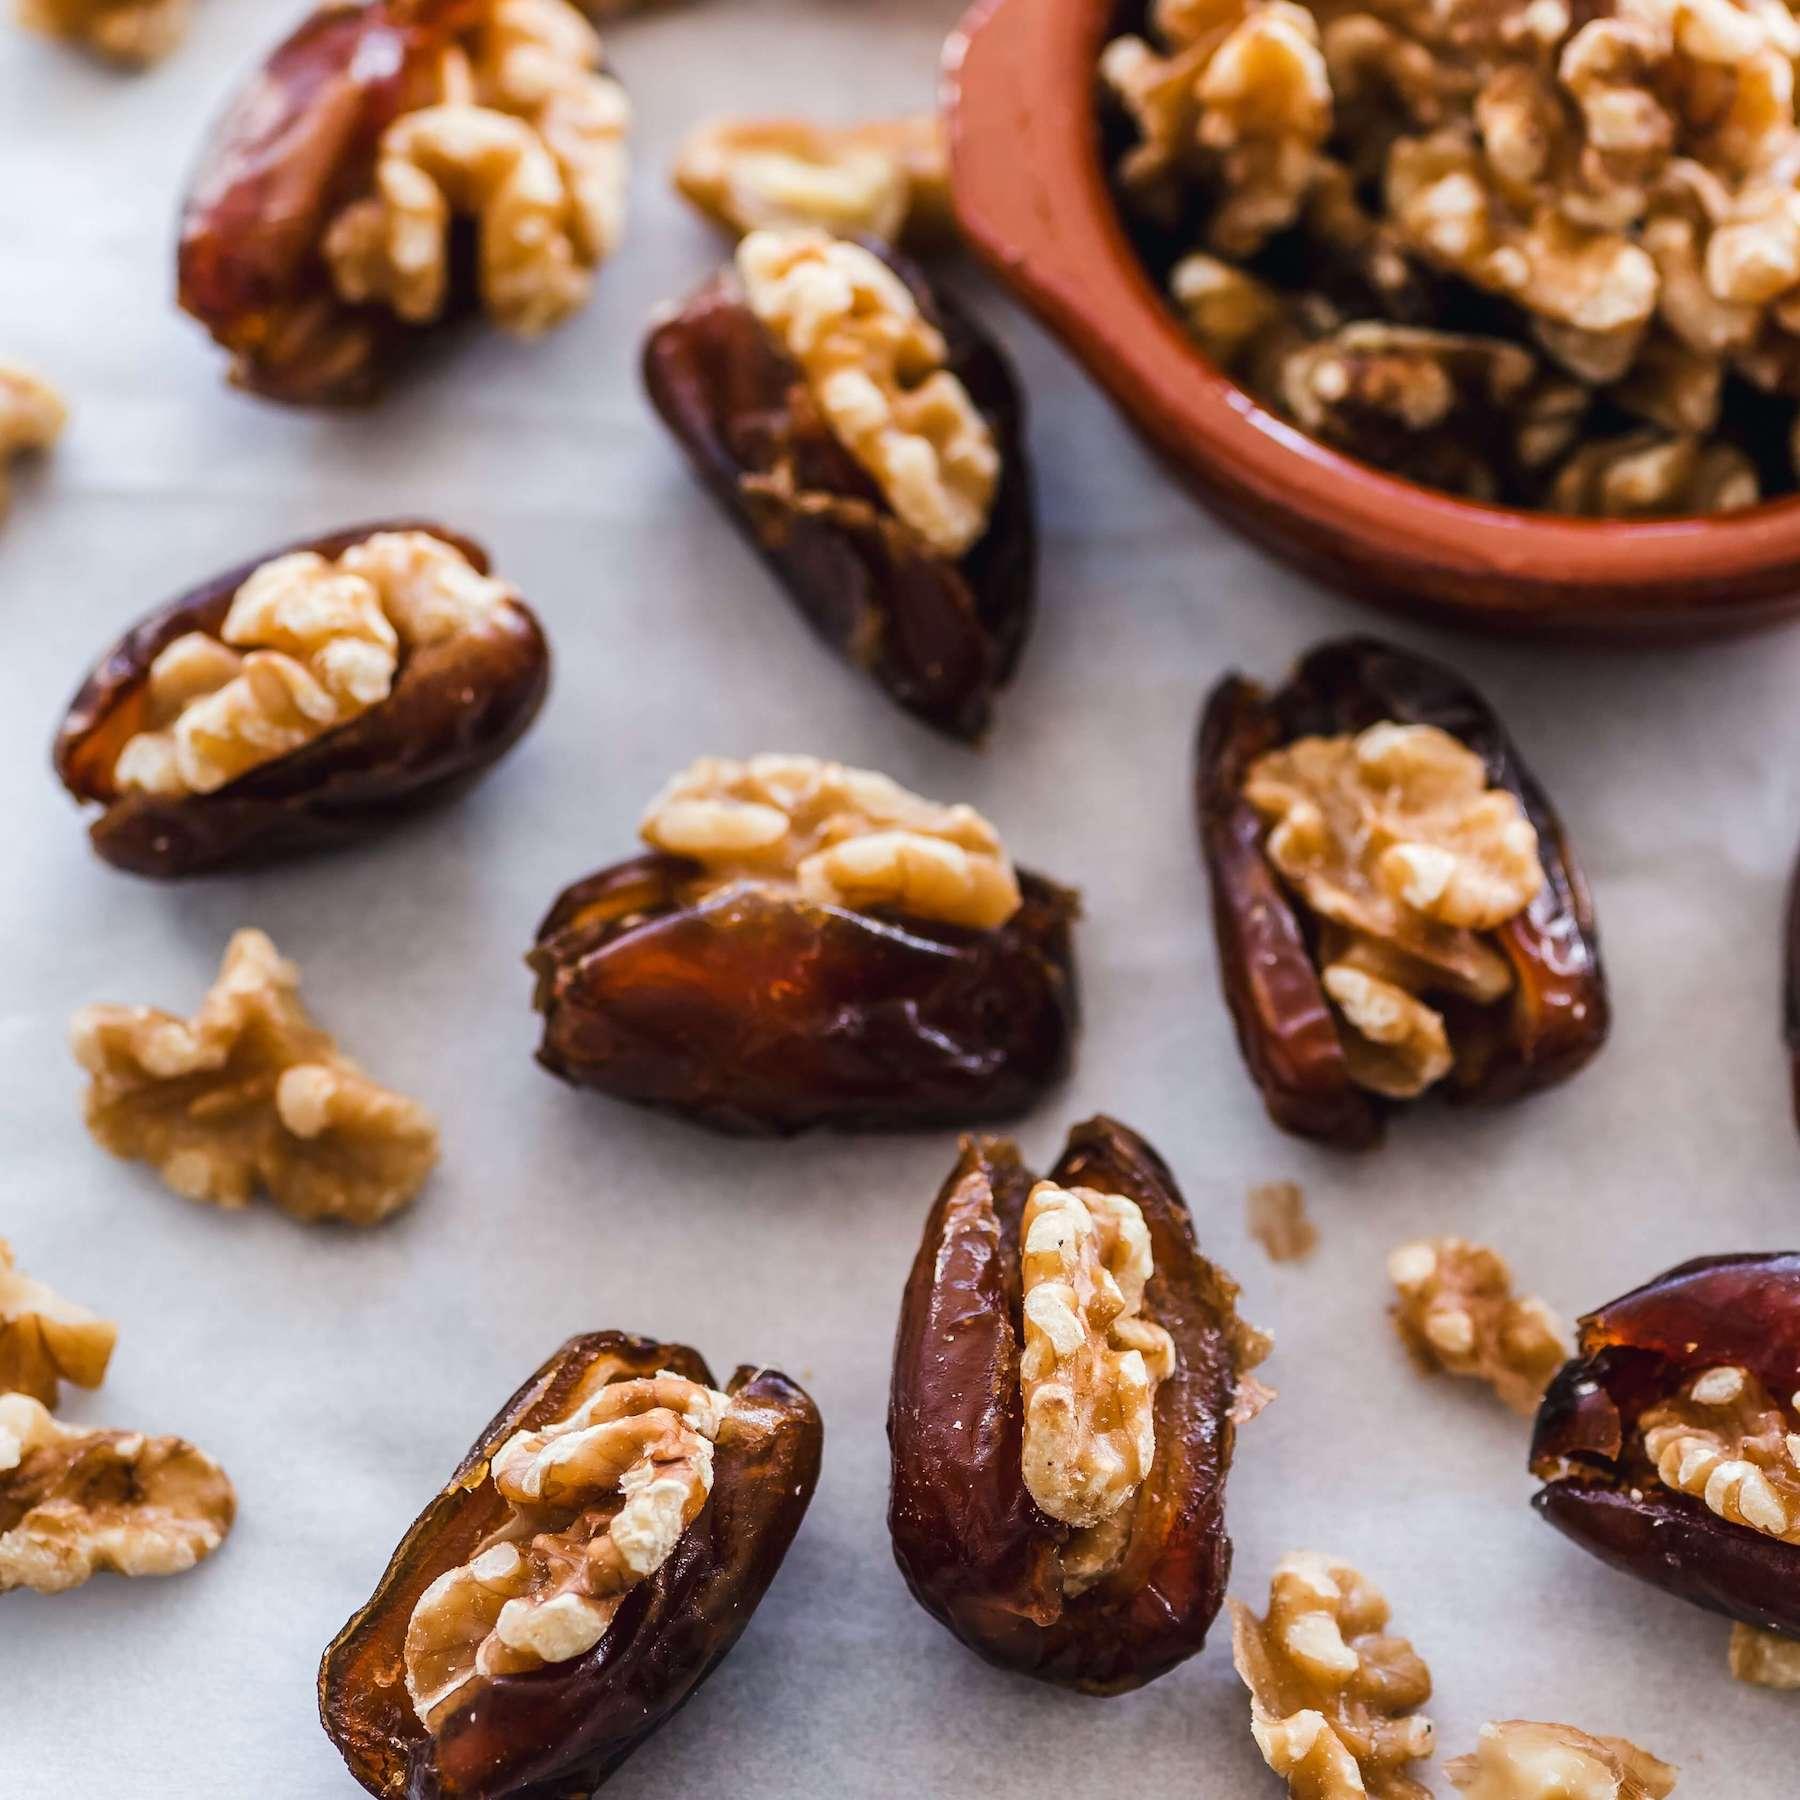 walnut-stuffed dates